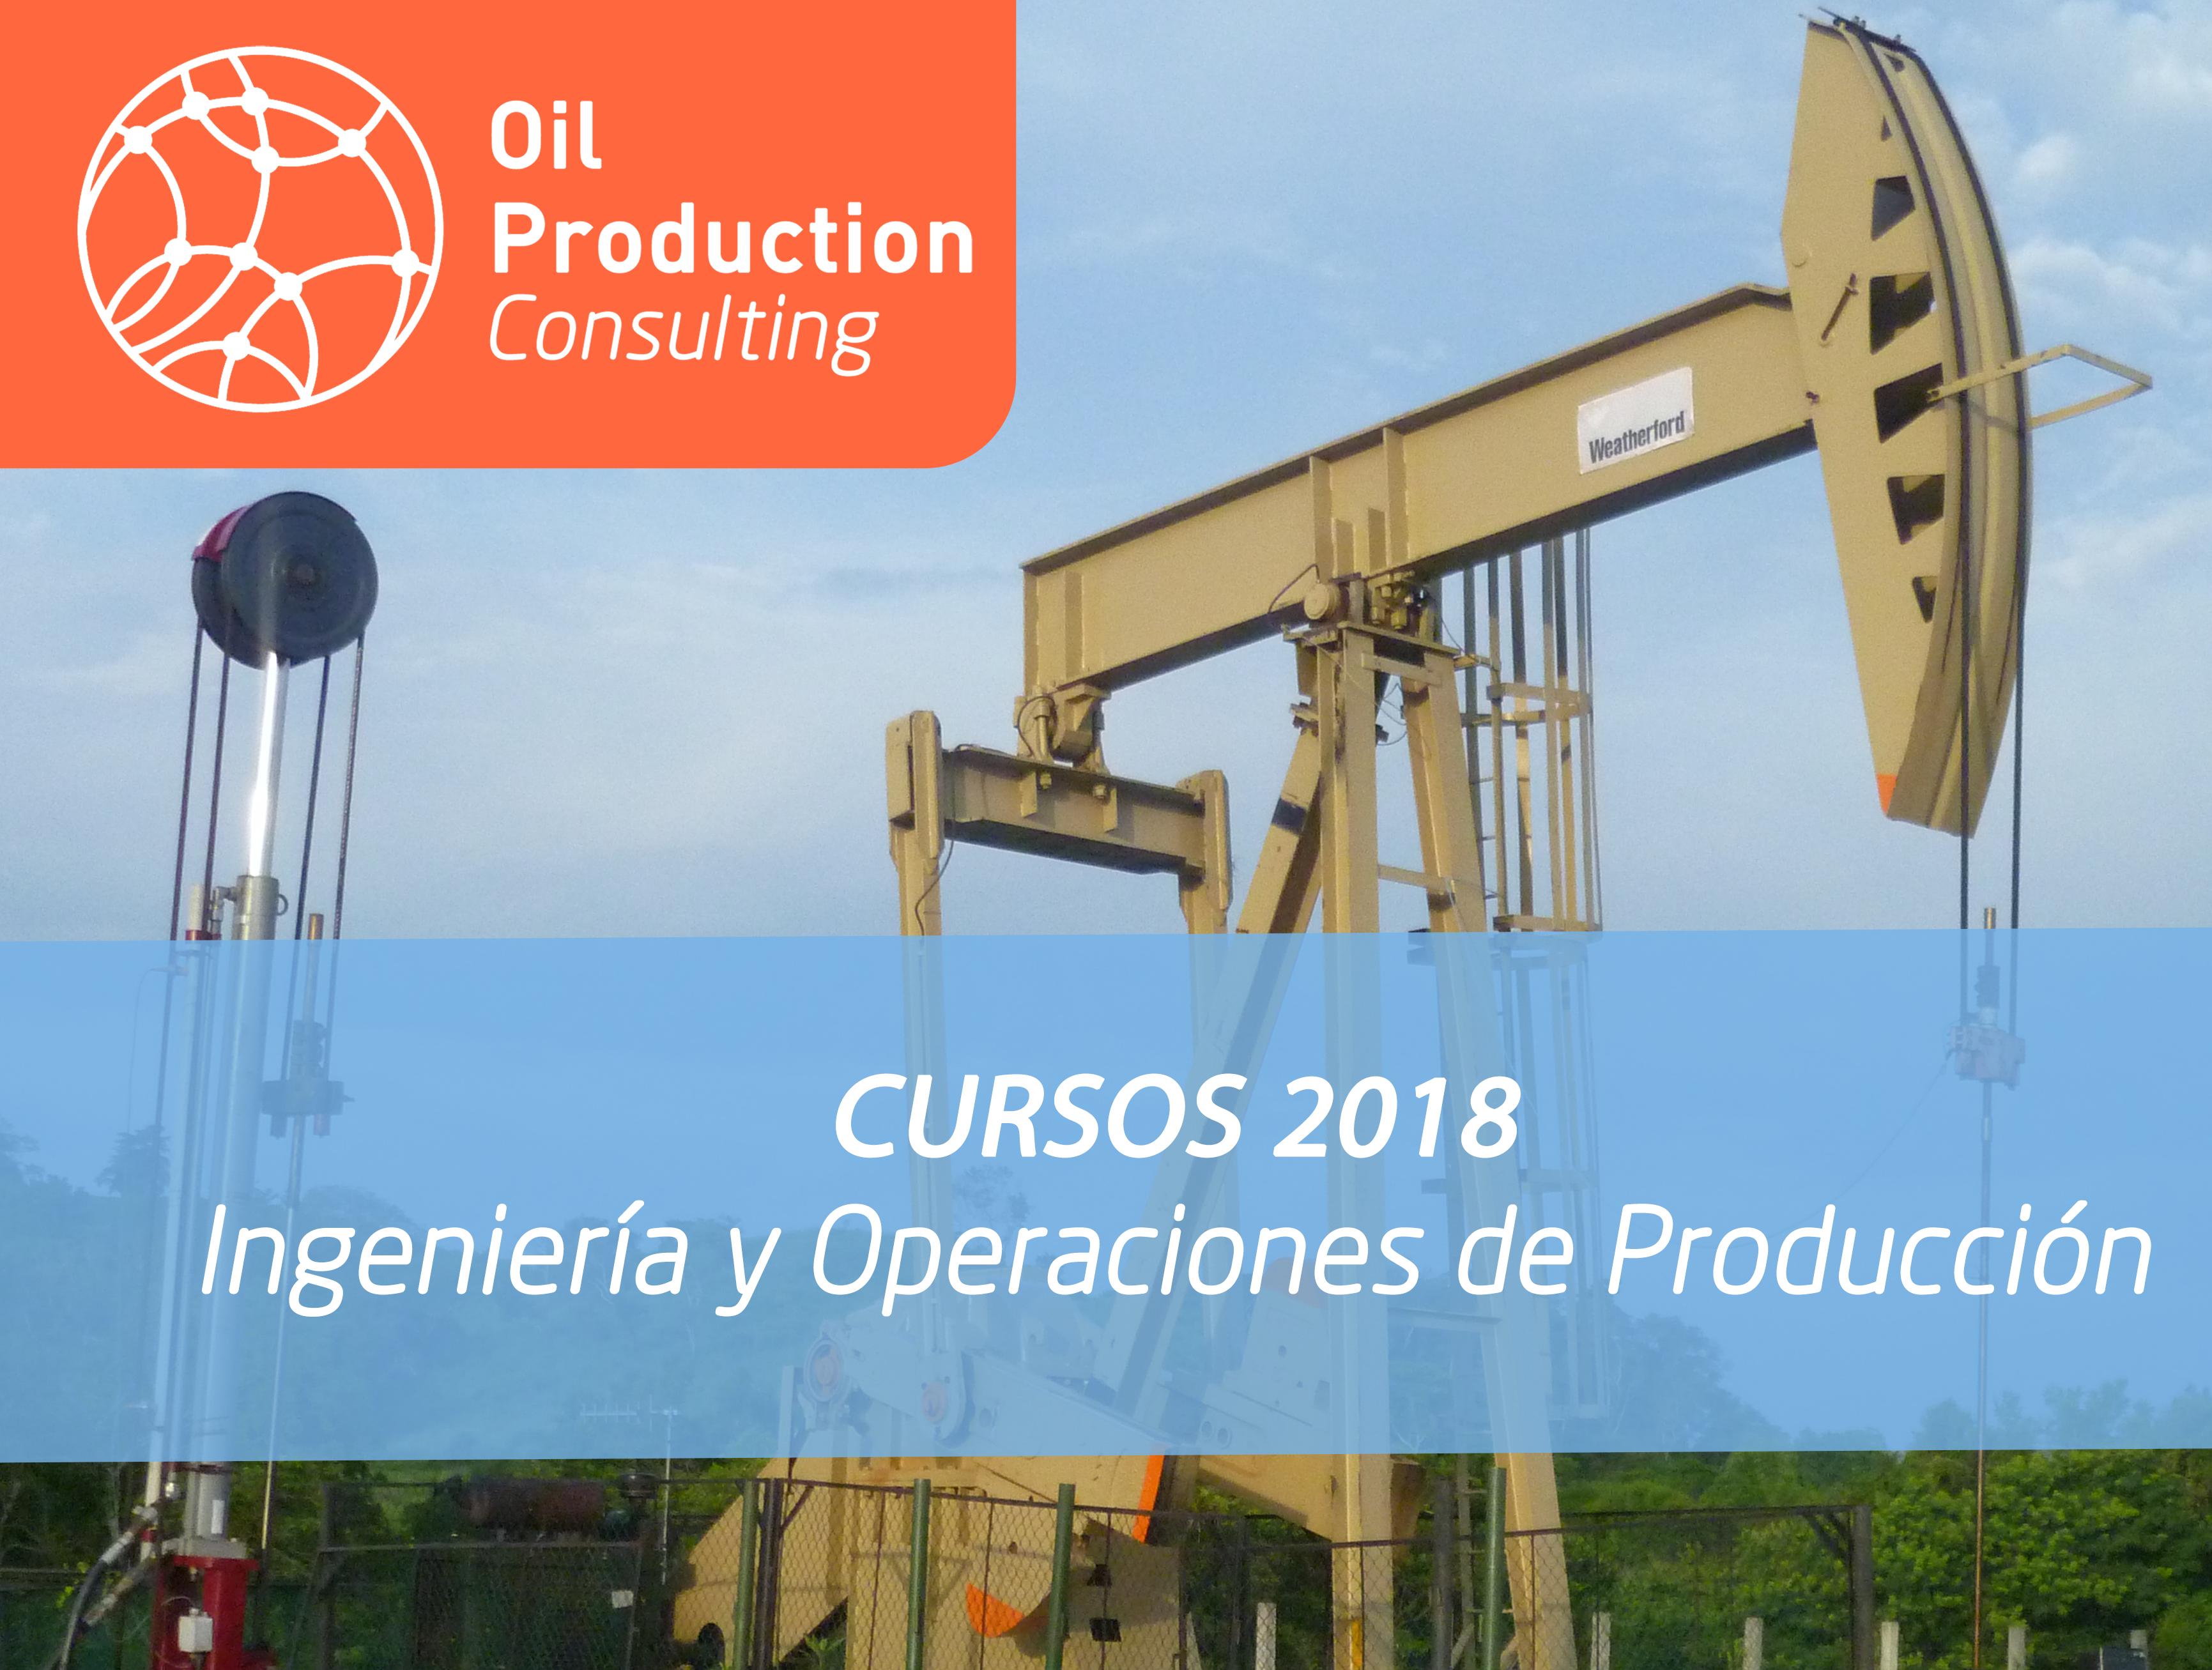 OPOGC-CURSOS